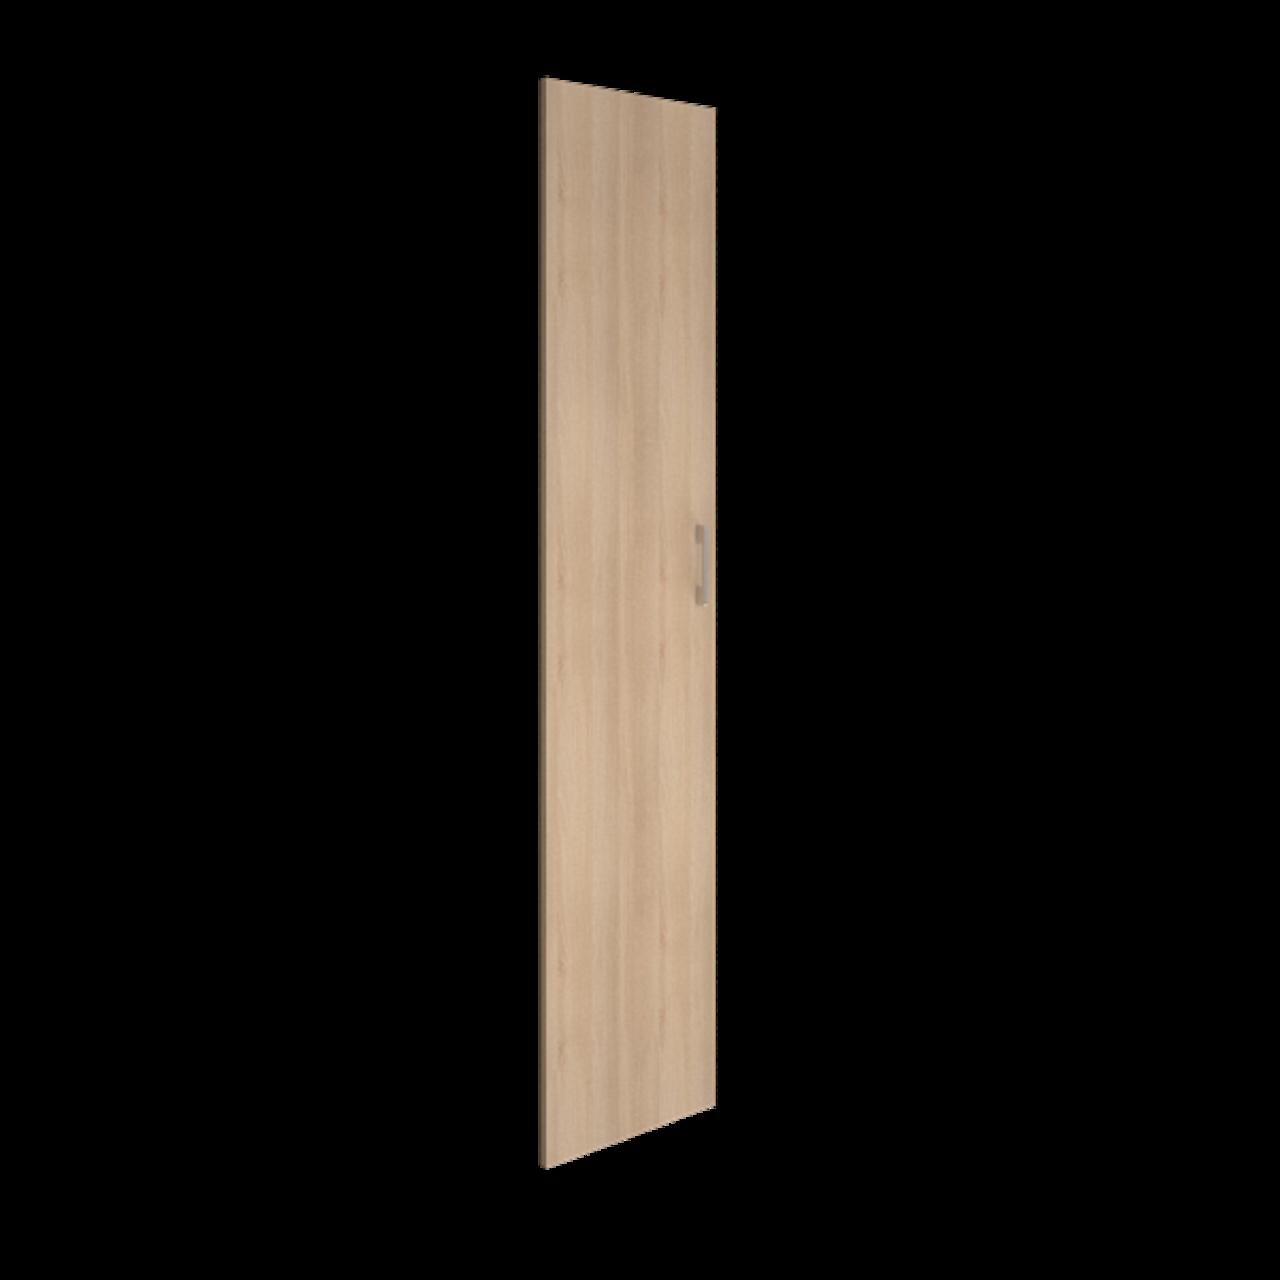 Дверь дсп высокая левая - фото 1